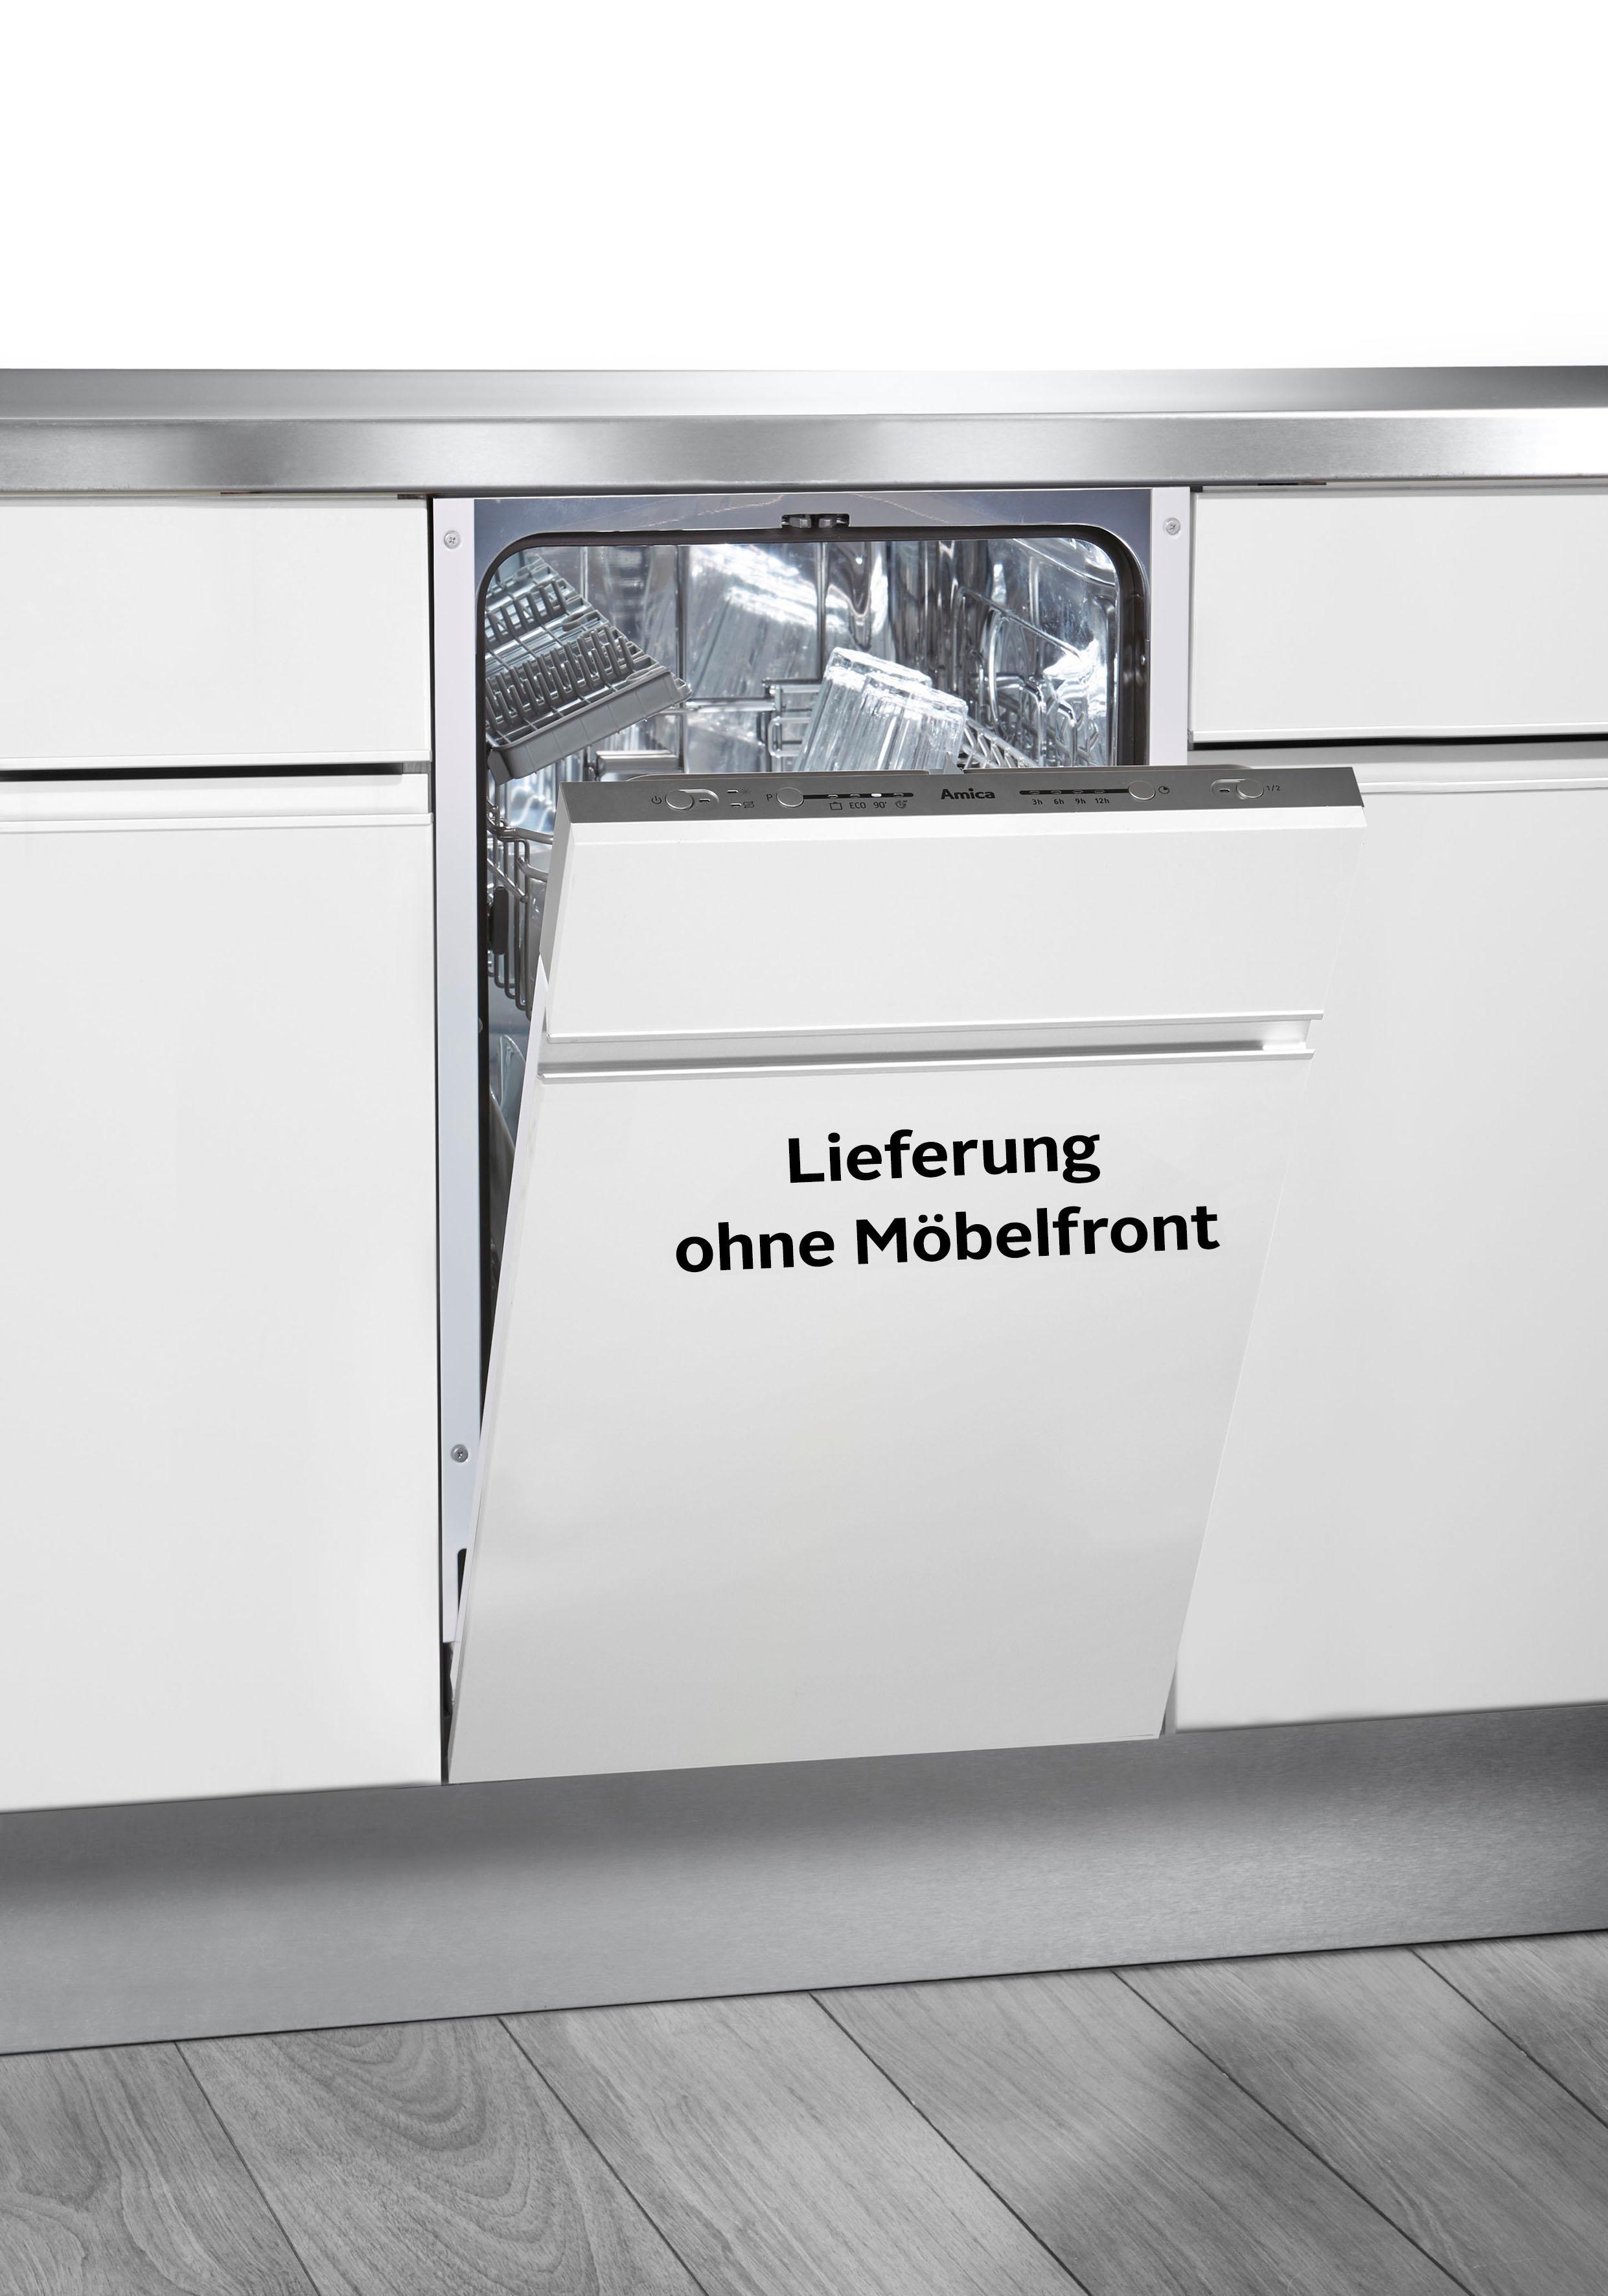 Amica volledig integreerbare inbouwvaatwasser EGSP 14768 V, A+, 9,5 liter, 9 standaardcouverts goedkoop op otto.nl kopen